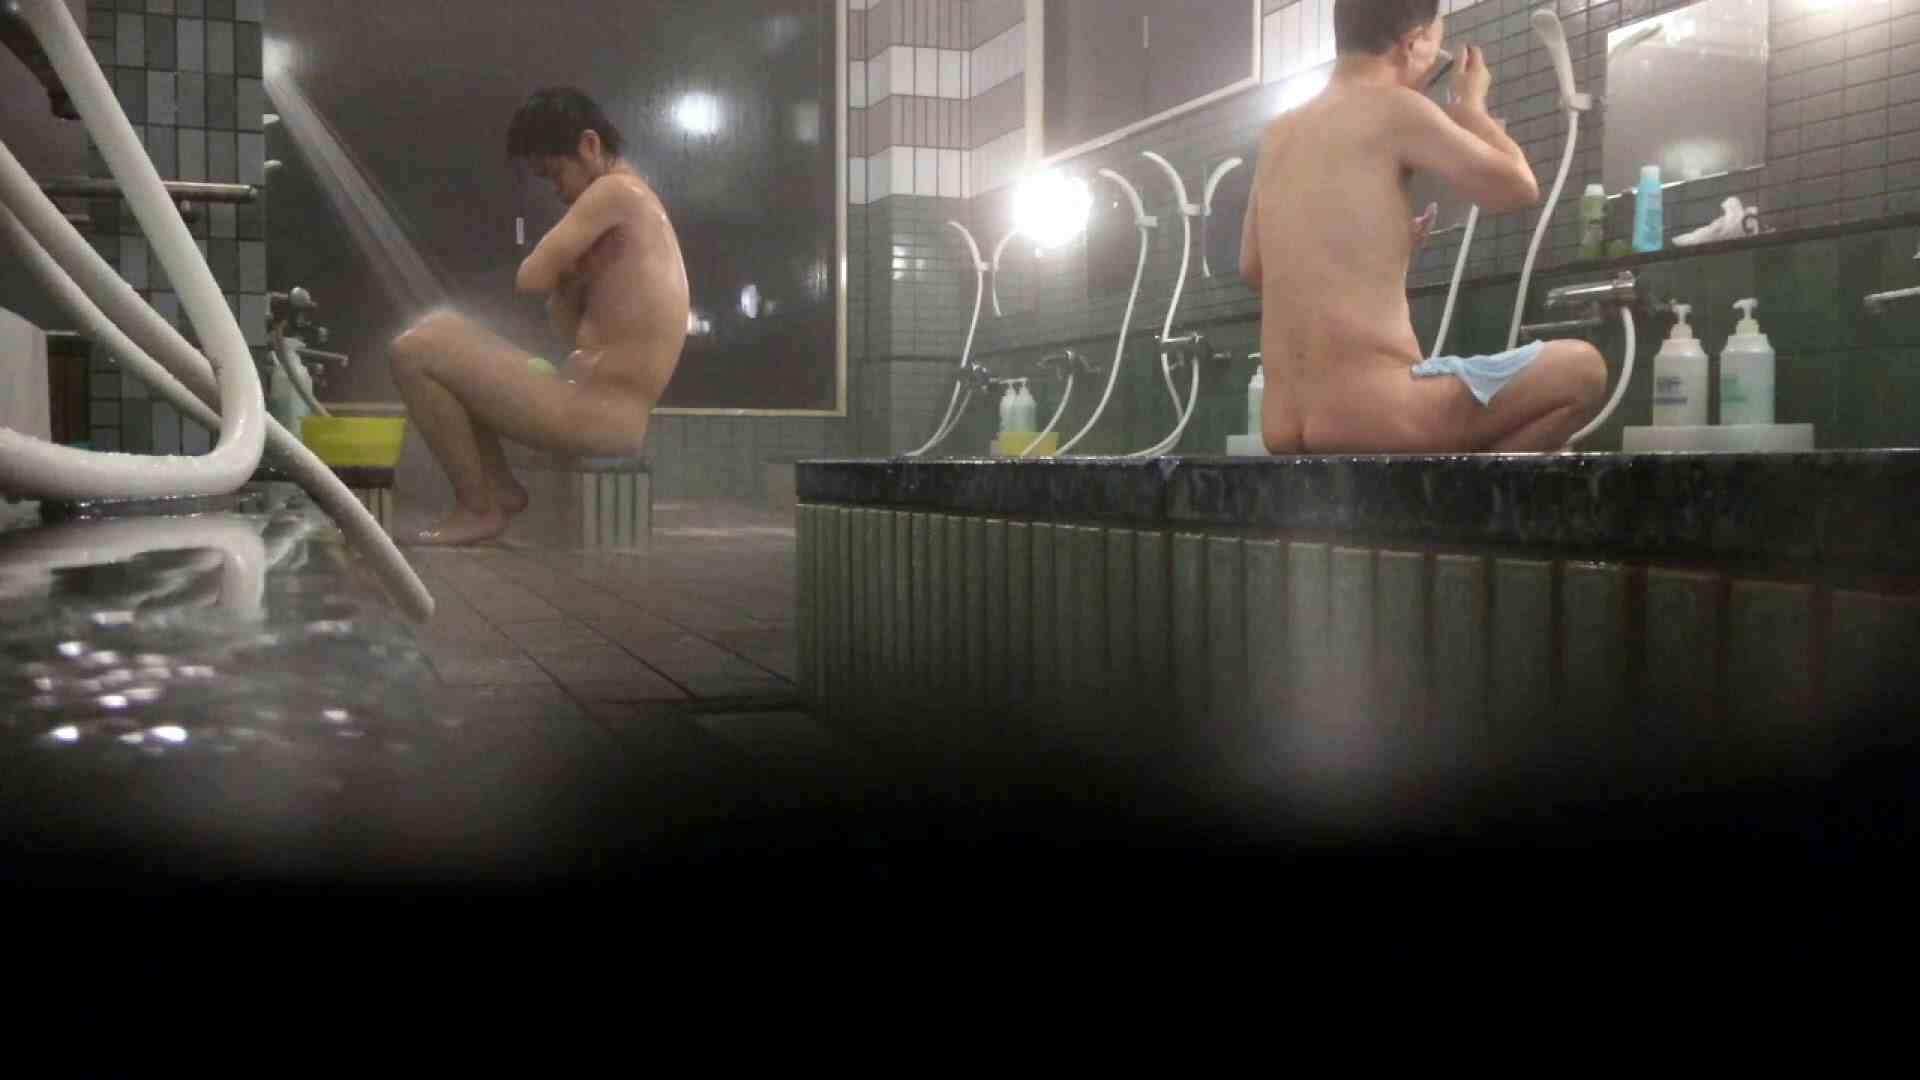 行くぜ!がっつり男風呂!Vol.07 男・男・男 ゲイAV画像 94枚 11